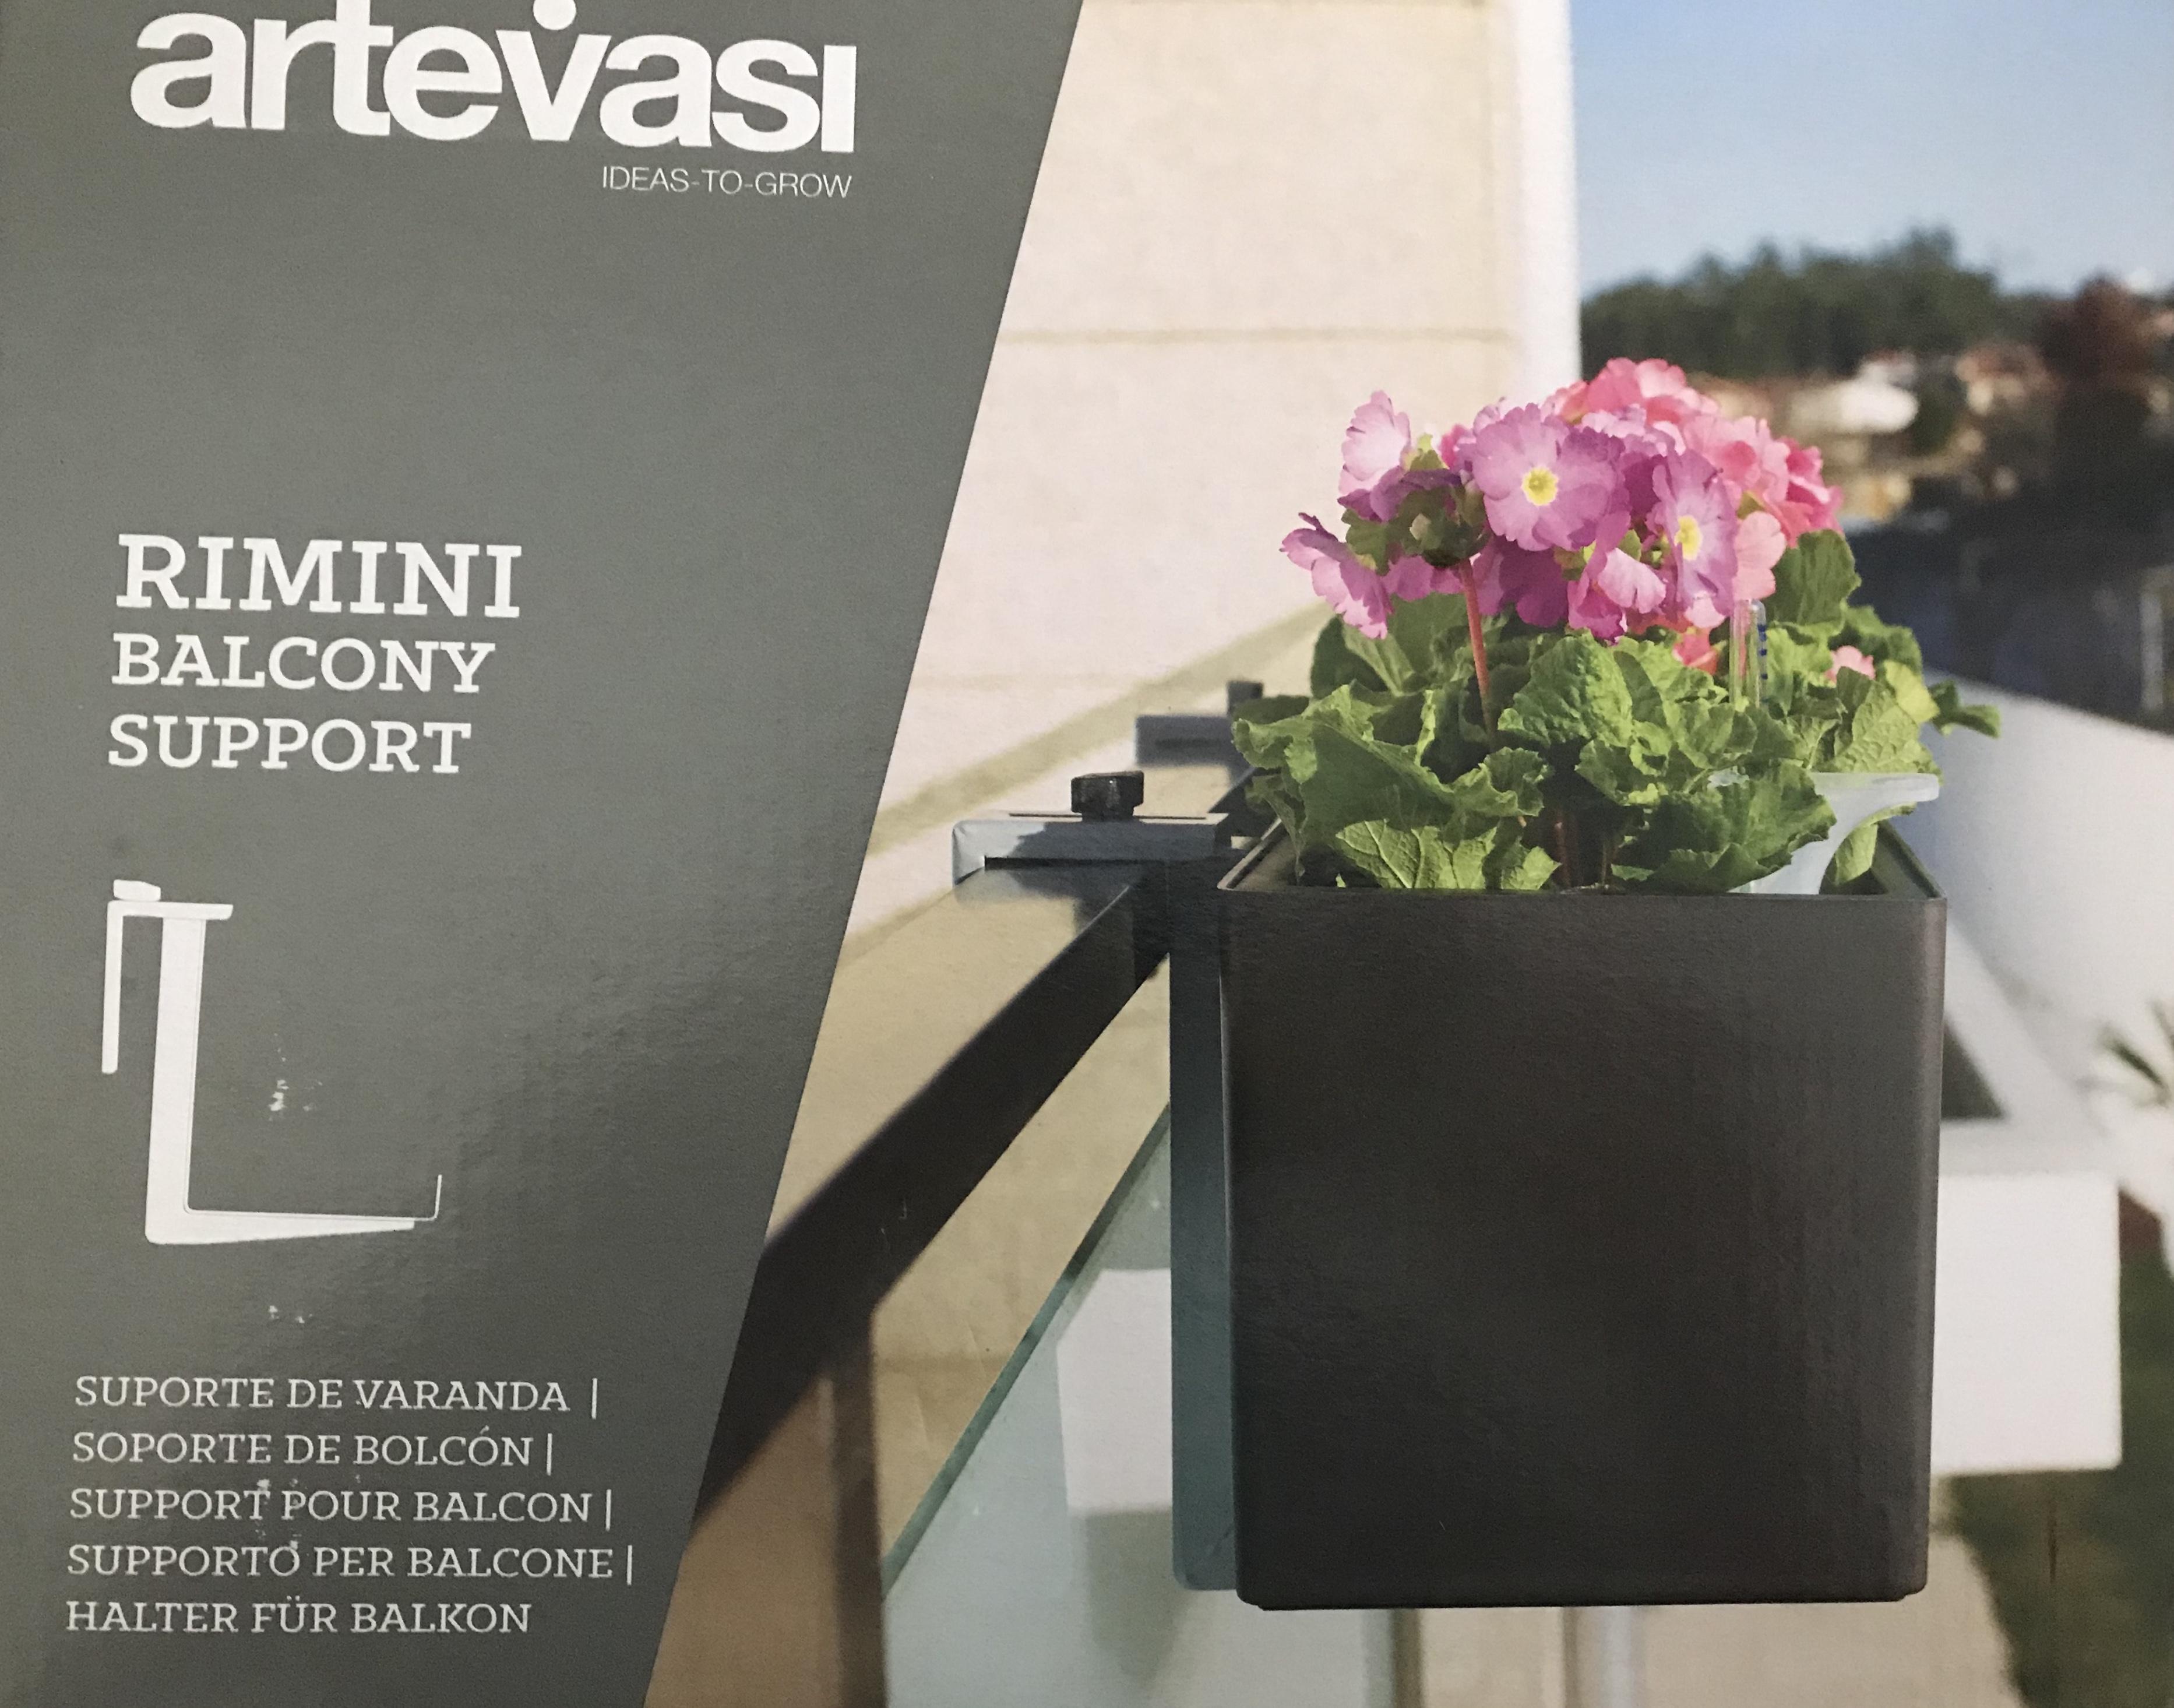 Artevasi Set Balkon Haken Voor Rimini Balkonbak Verstelbaar Grijs